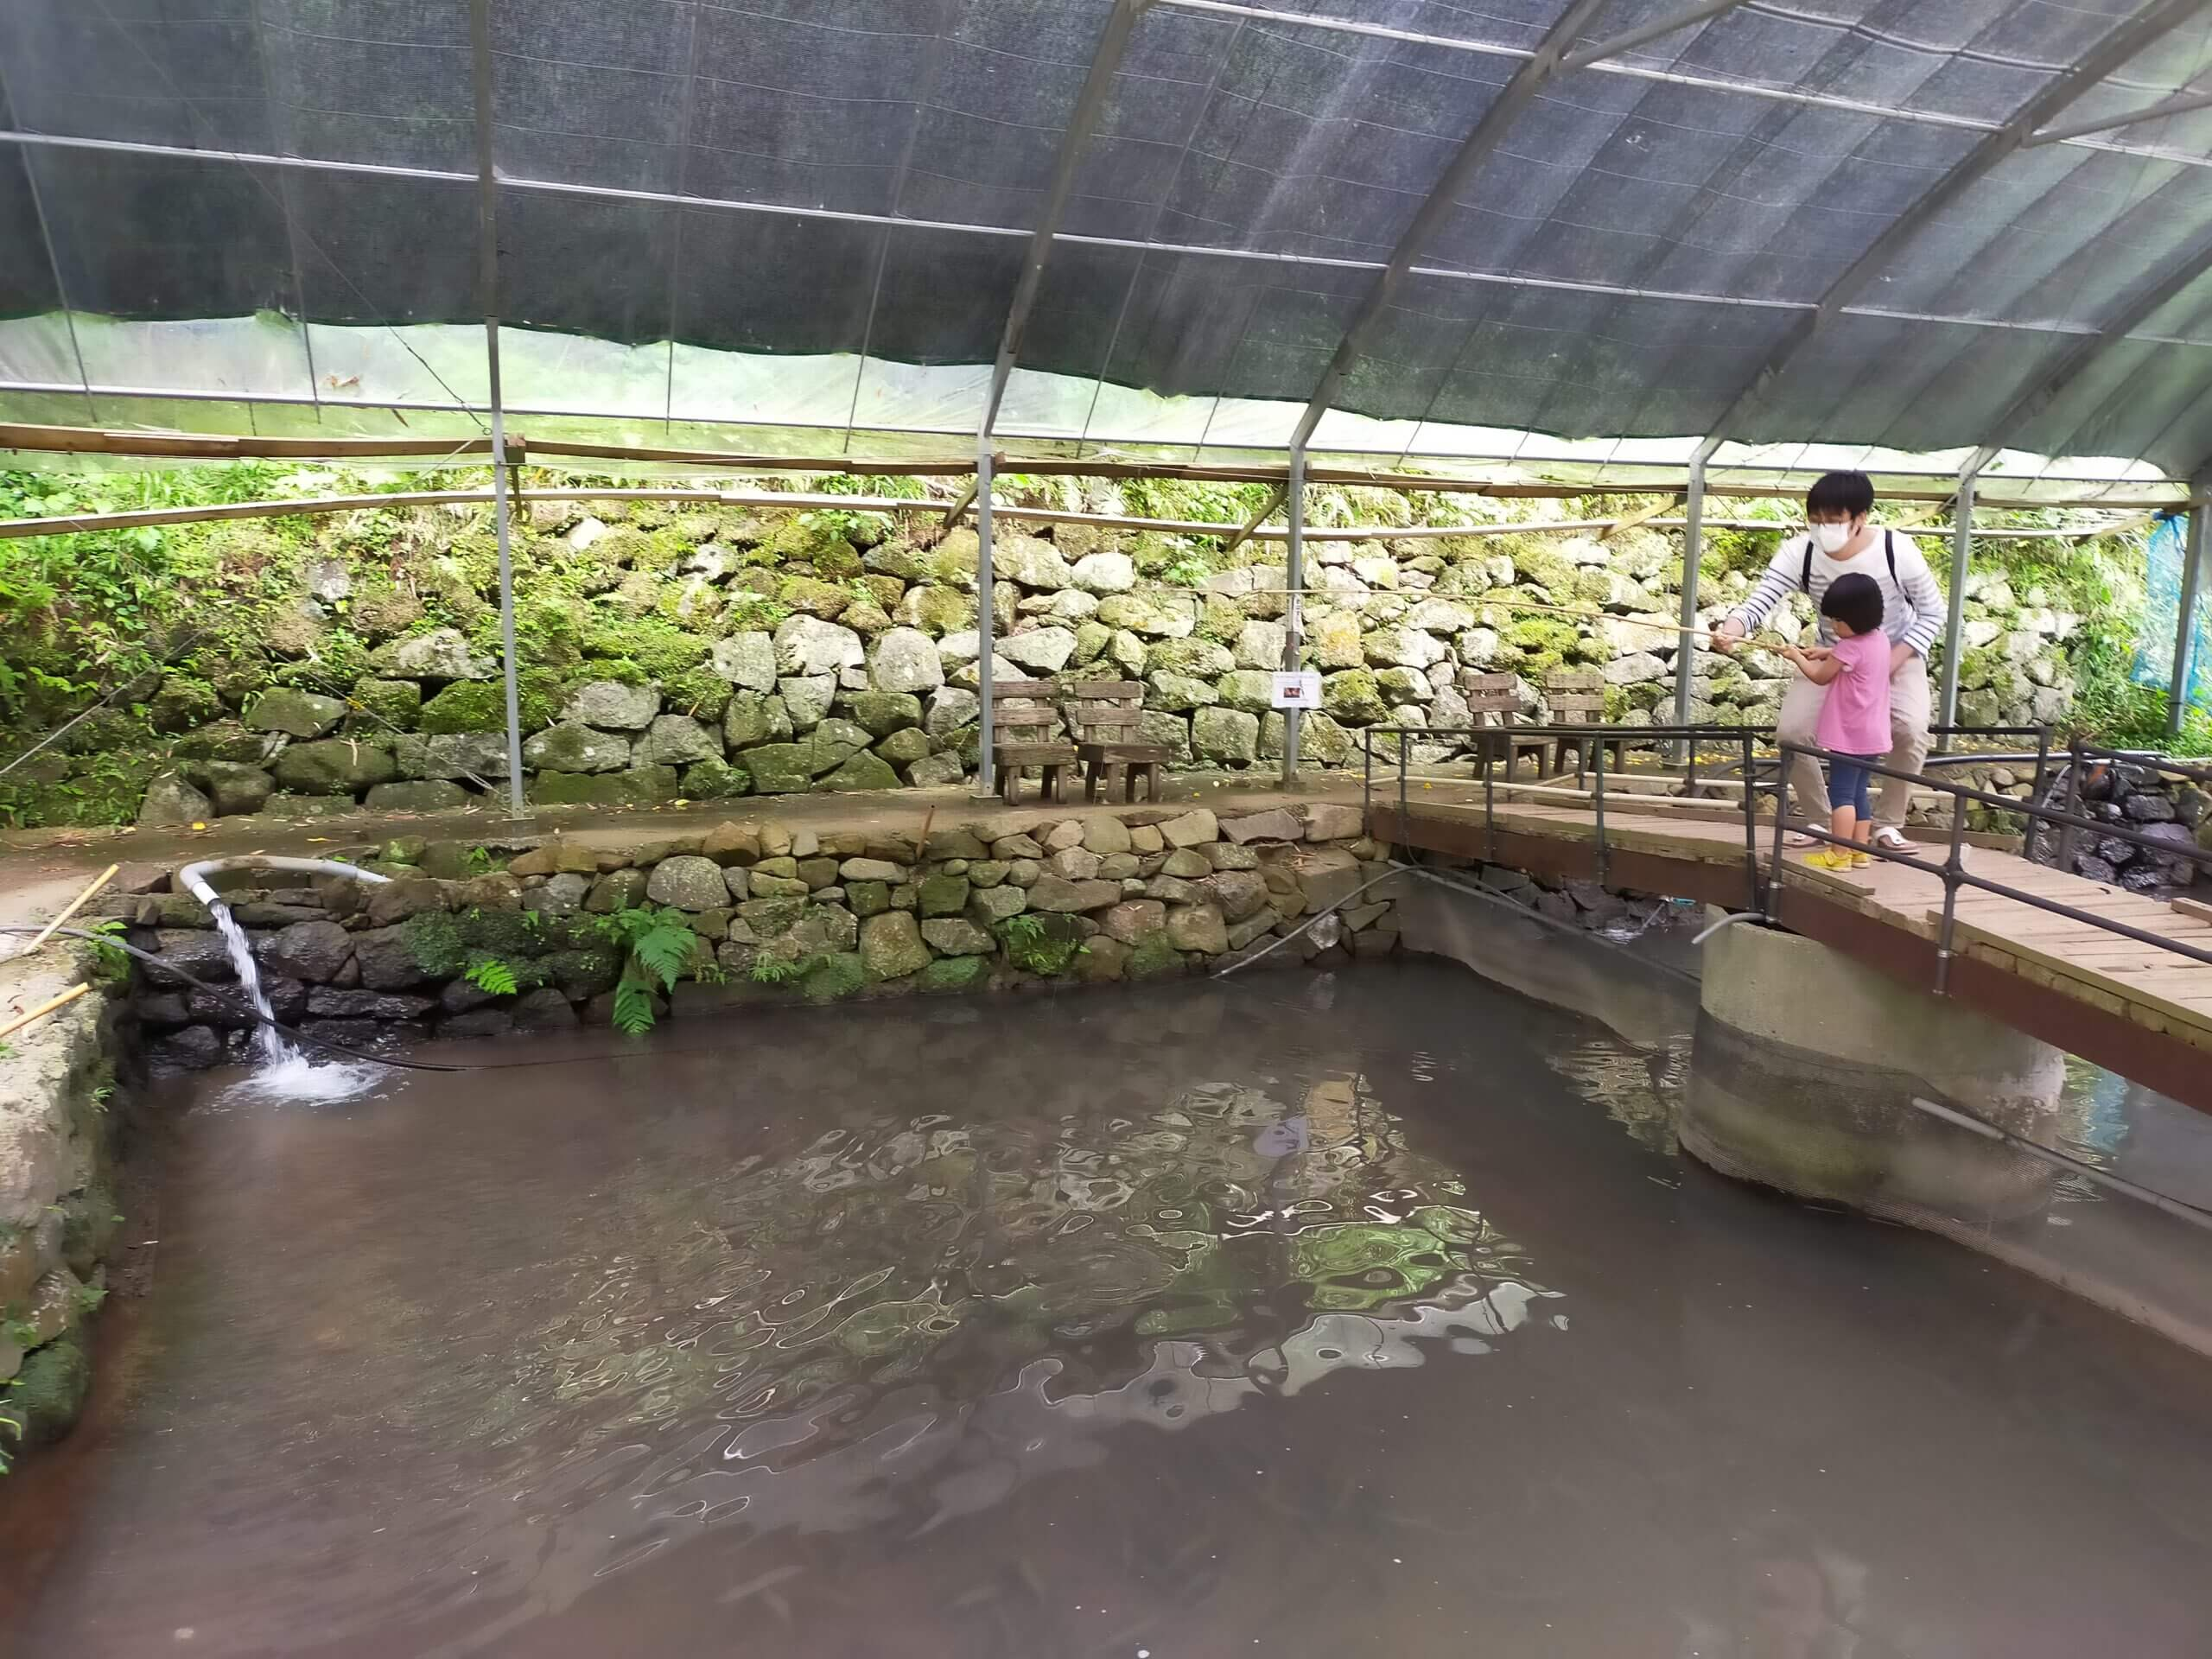 【優峰園フルーツランド – 熊本市西区河内町 – 】マス釣りができる!餌も魚肉ソーセージなので釣りデビューにいかがですか?